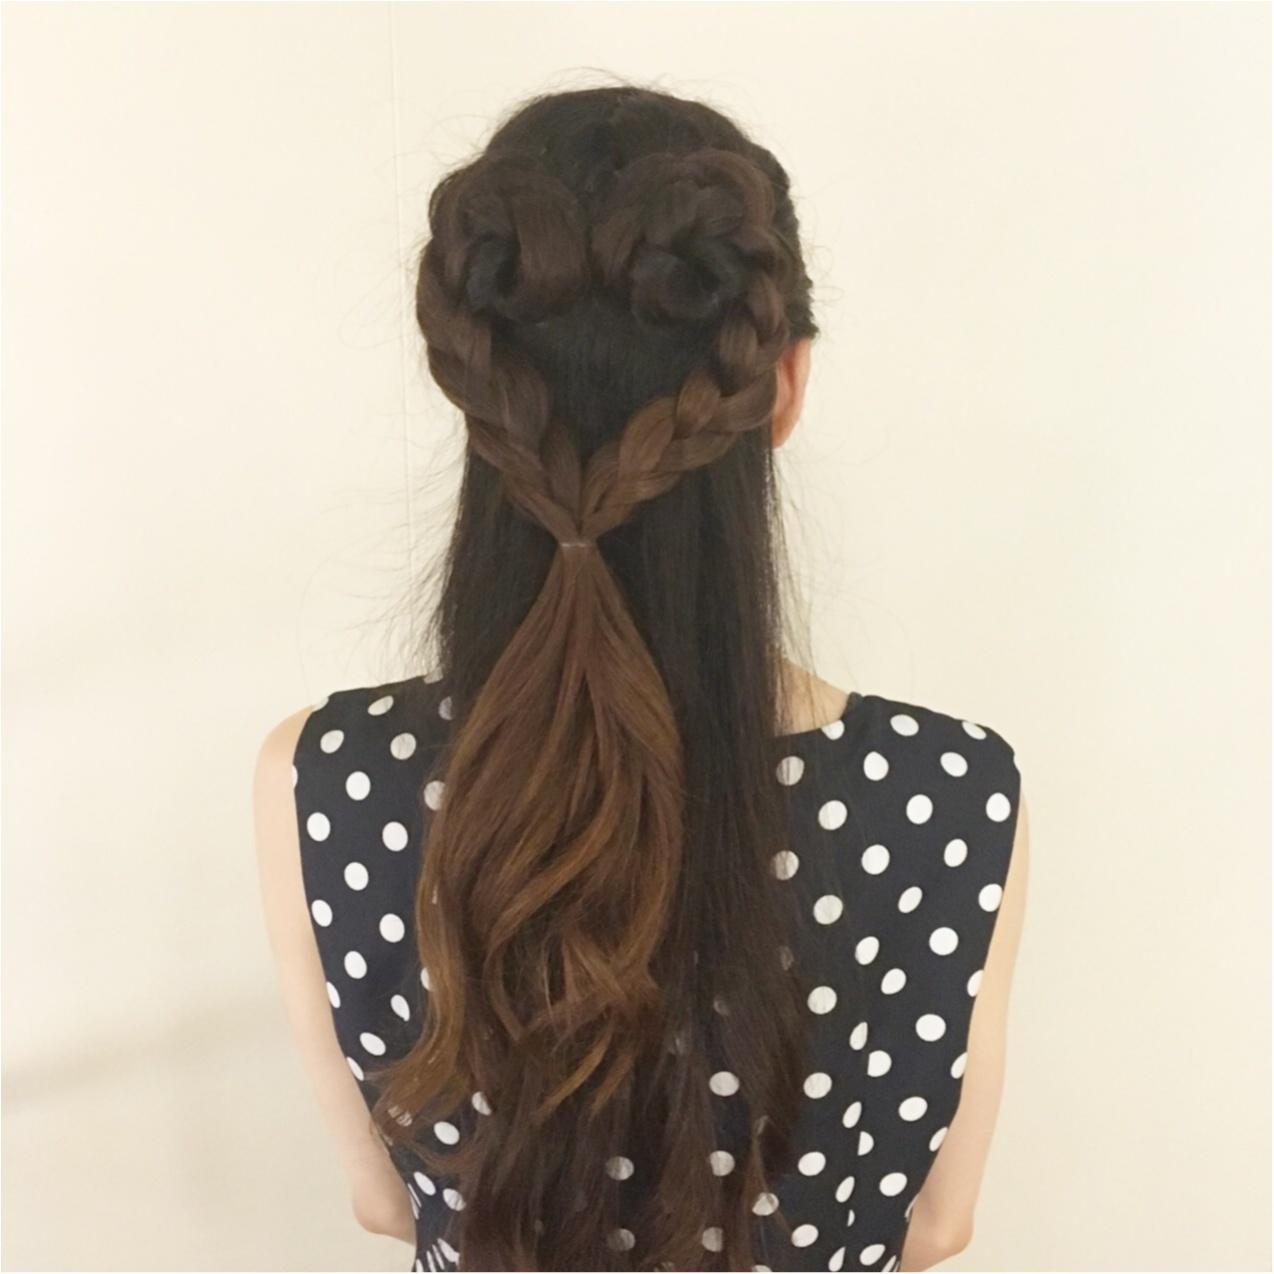 まさにアート♡かわいい結婚式お呼ばれヘア♡《 ハートの髪型 》_2